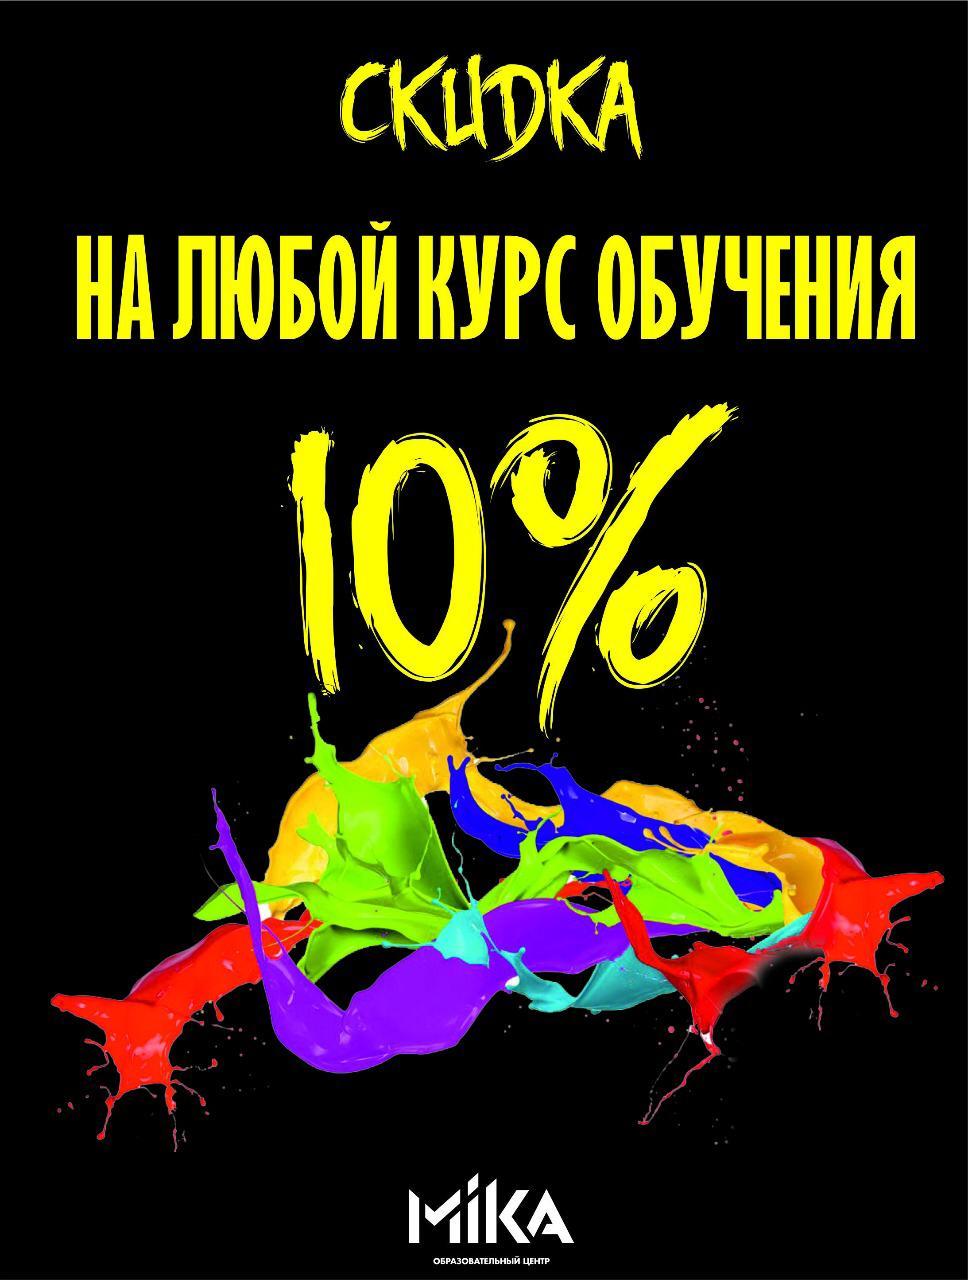 АБСОЛЮТНО ЛЮБОЙ КУРС ОБУЧЕНИЯ С 10% СКИДКОЙ.